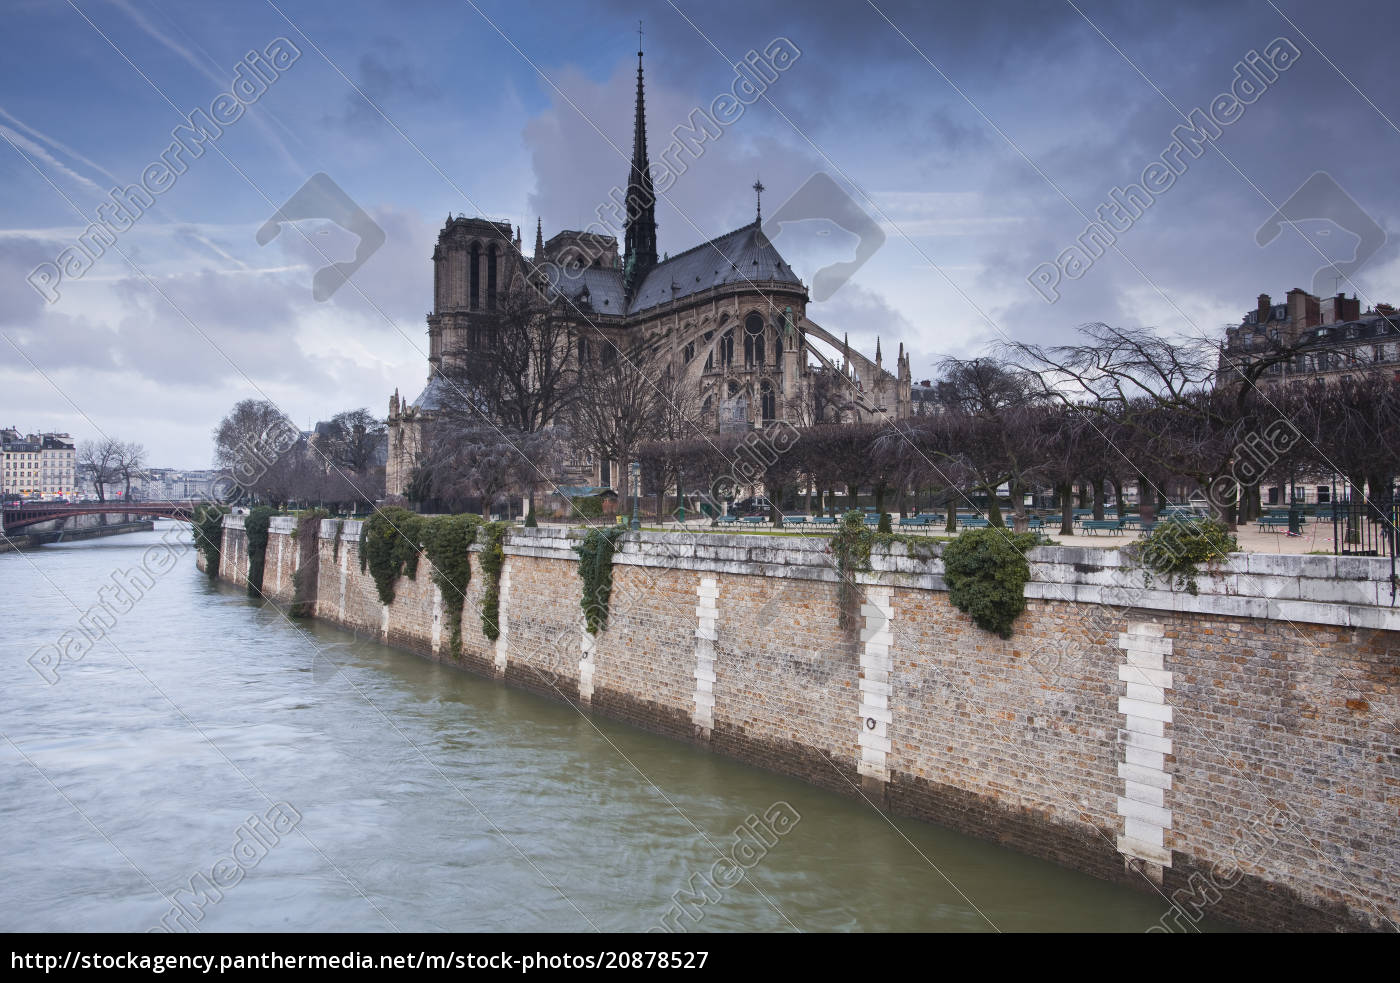 kathedrale, notre, dame, de, paris, paris, frankreich, europa - 20878527